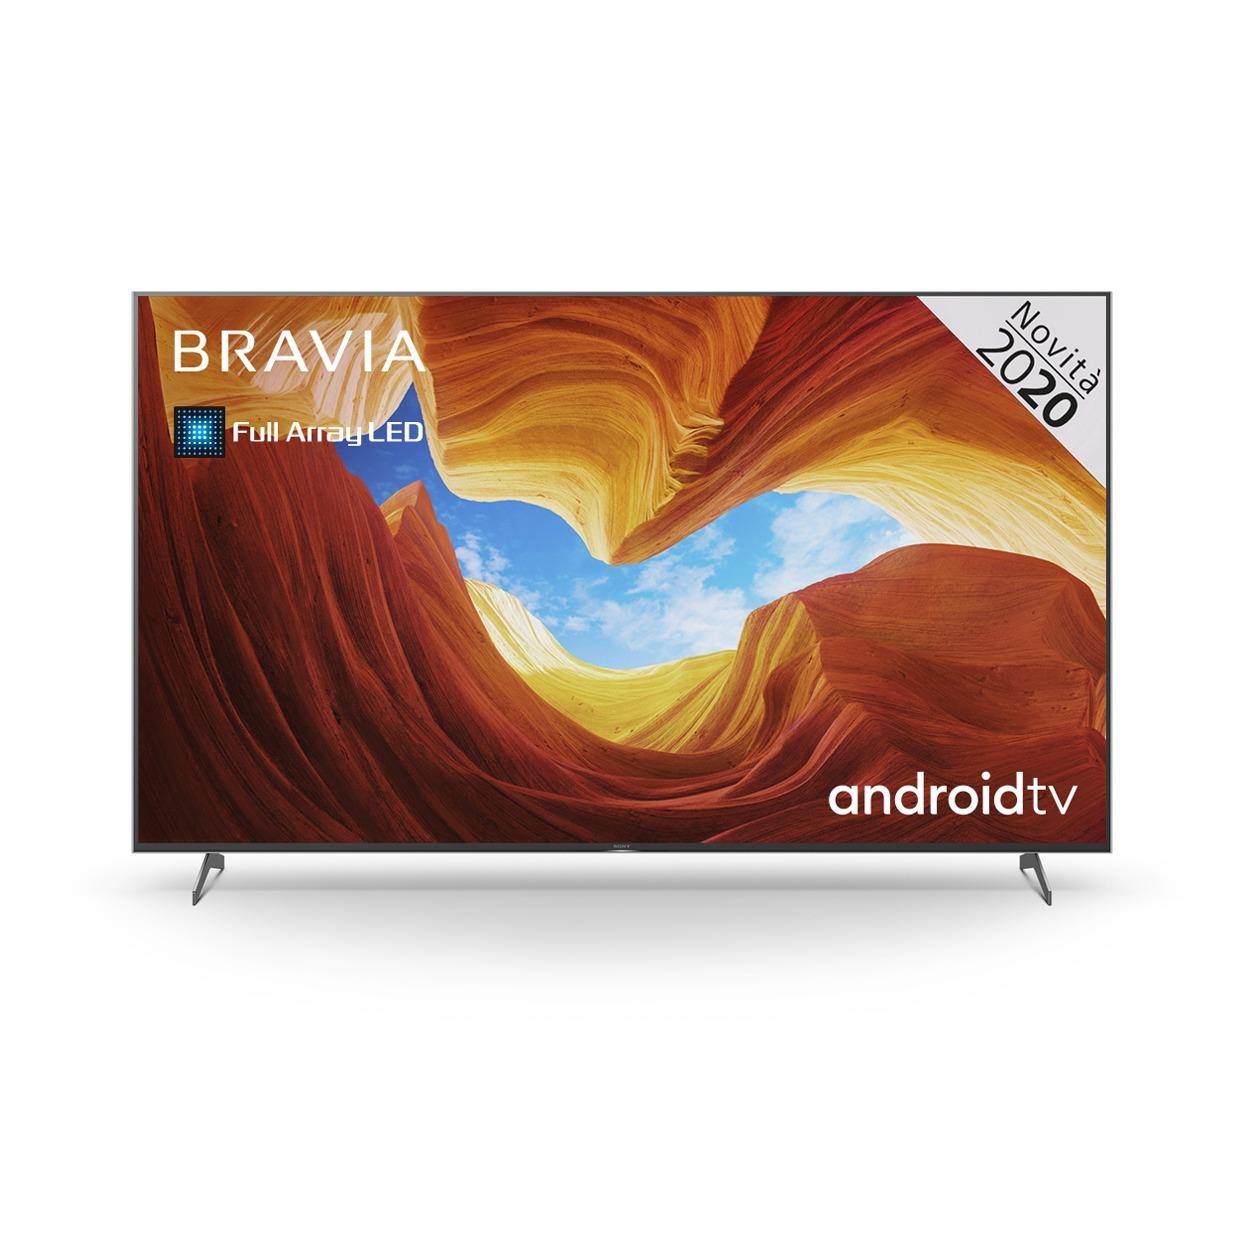 Op Perfect LCD is alles over televisie te vinden: waaronder expert en specifiek Sony KE-85XH9096BAEP - 2,16 cm (85